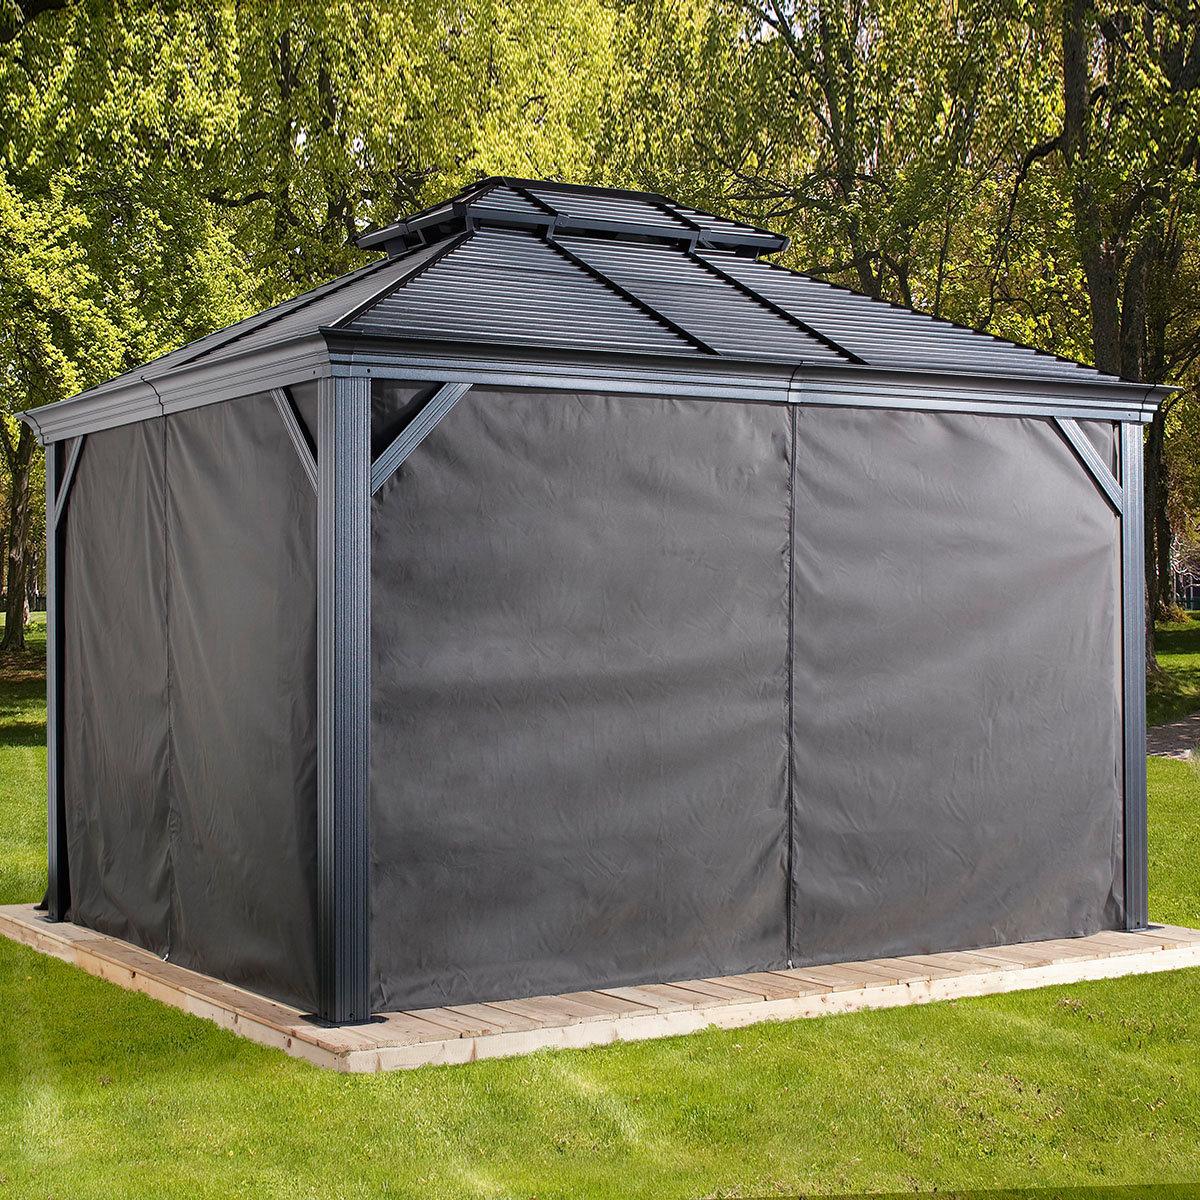 vorhang set pavillon mykonos online kaufen bei g rtner p tschke. Black Bedroom Furniture Sets. Home Design Ideas